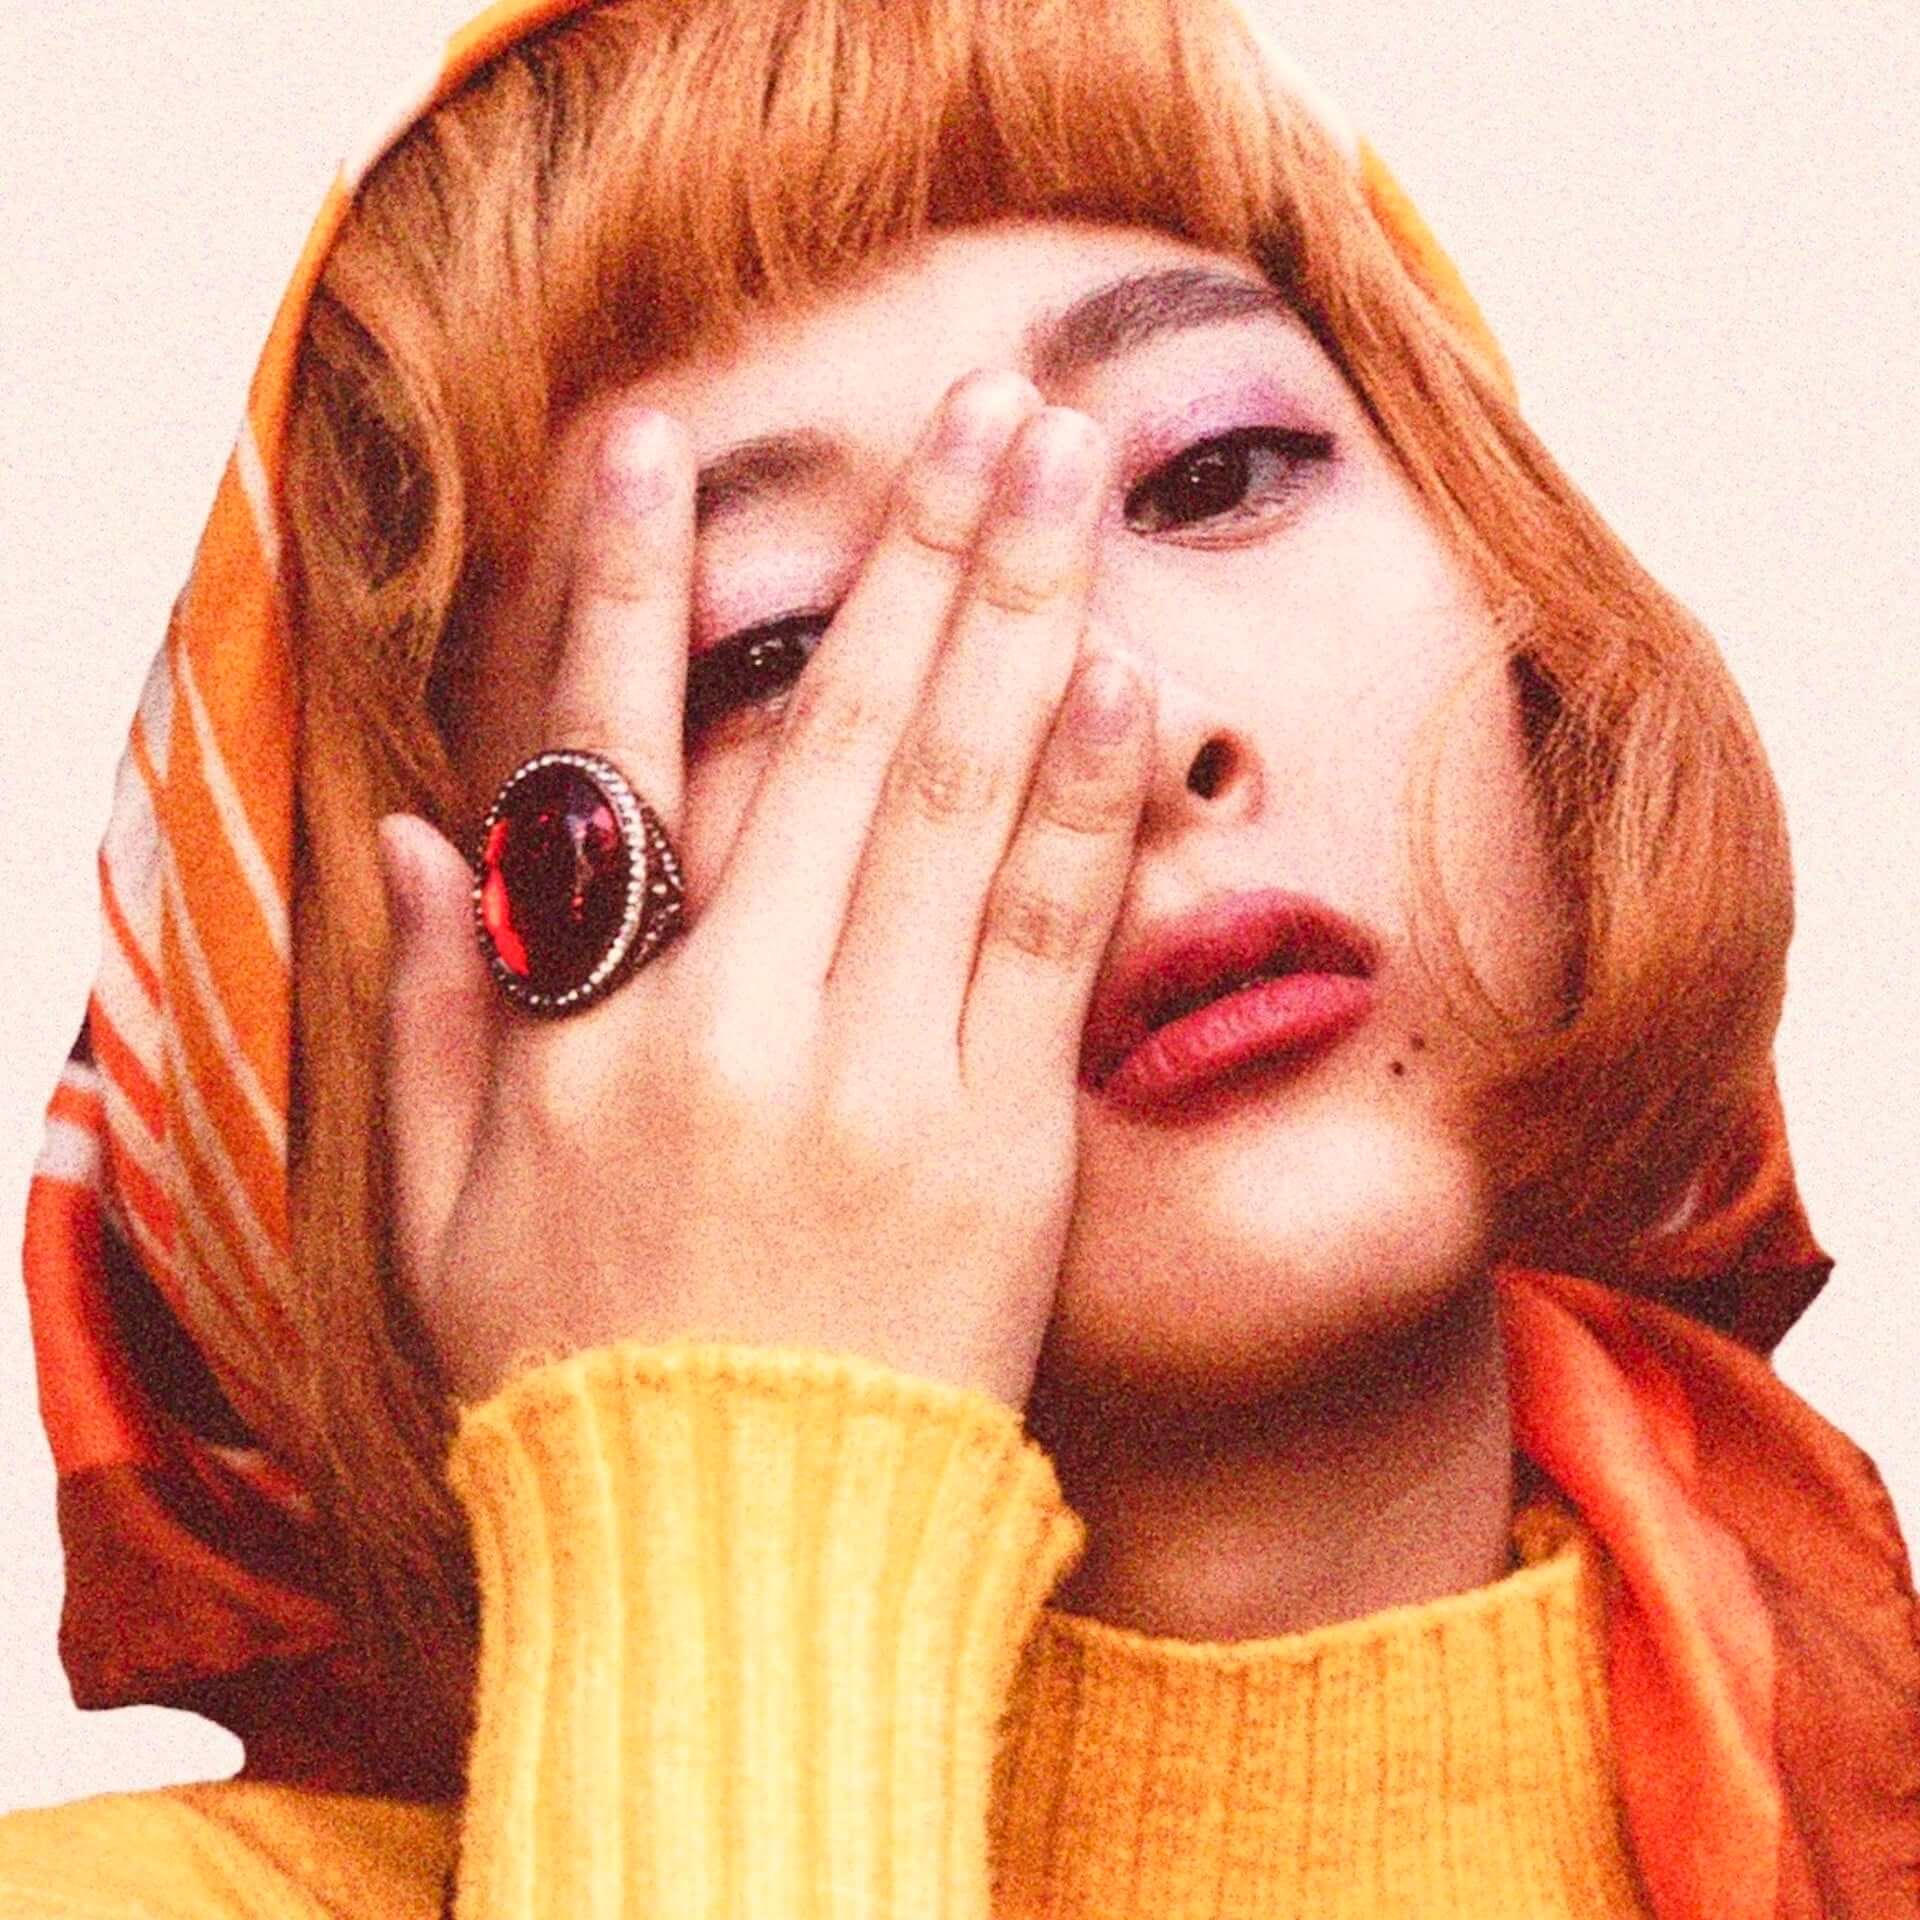 アマイワナの2nd EP『恋せよ惑星』がリリース決定!視聴会イベントが心斎橋にて開催&Instagram生配信も music201211_amaiwana_2-1920x1920